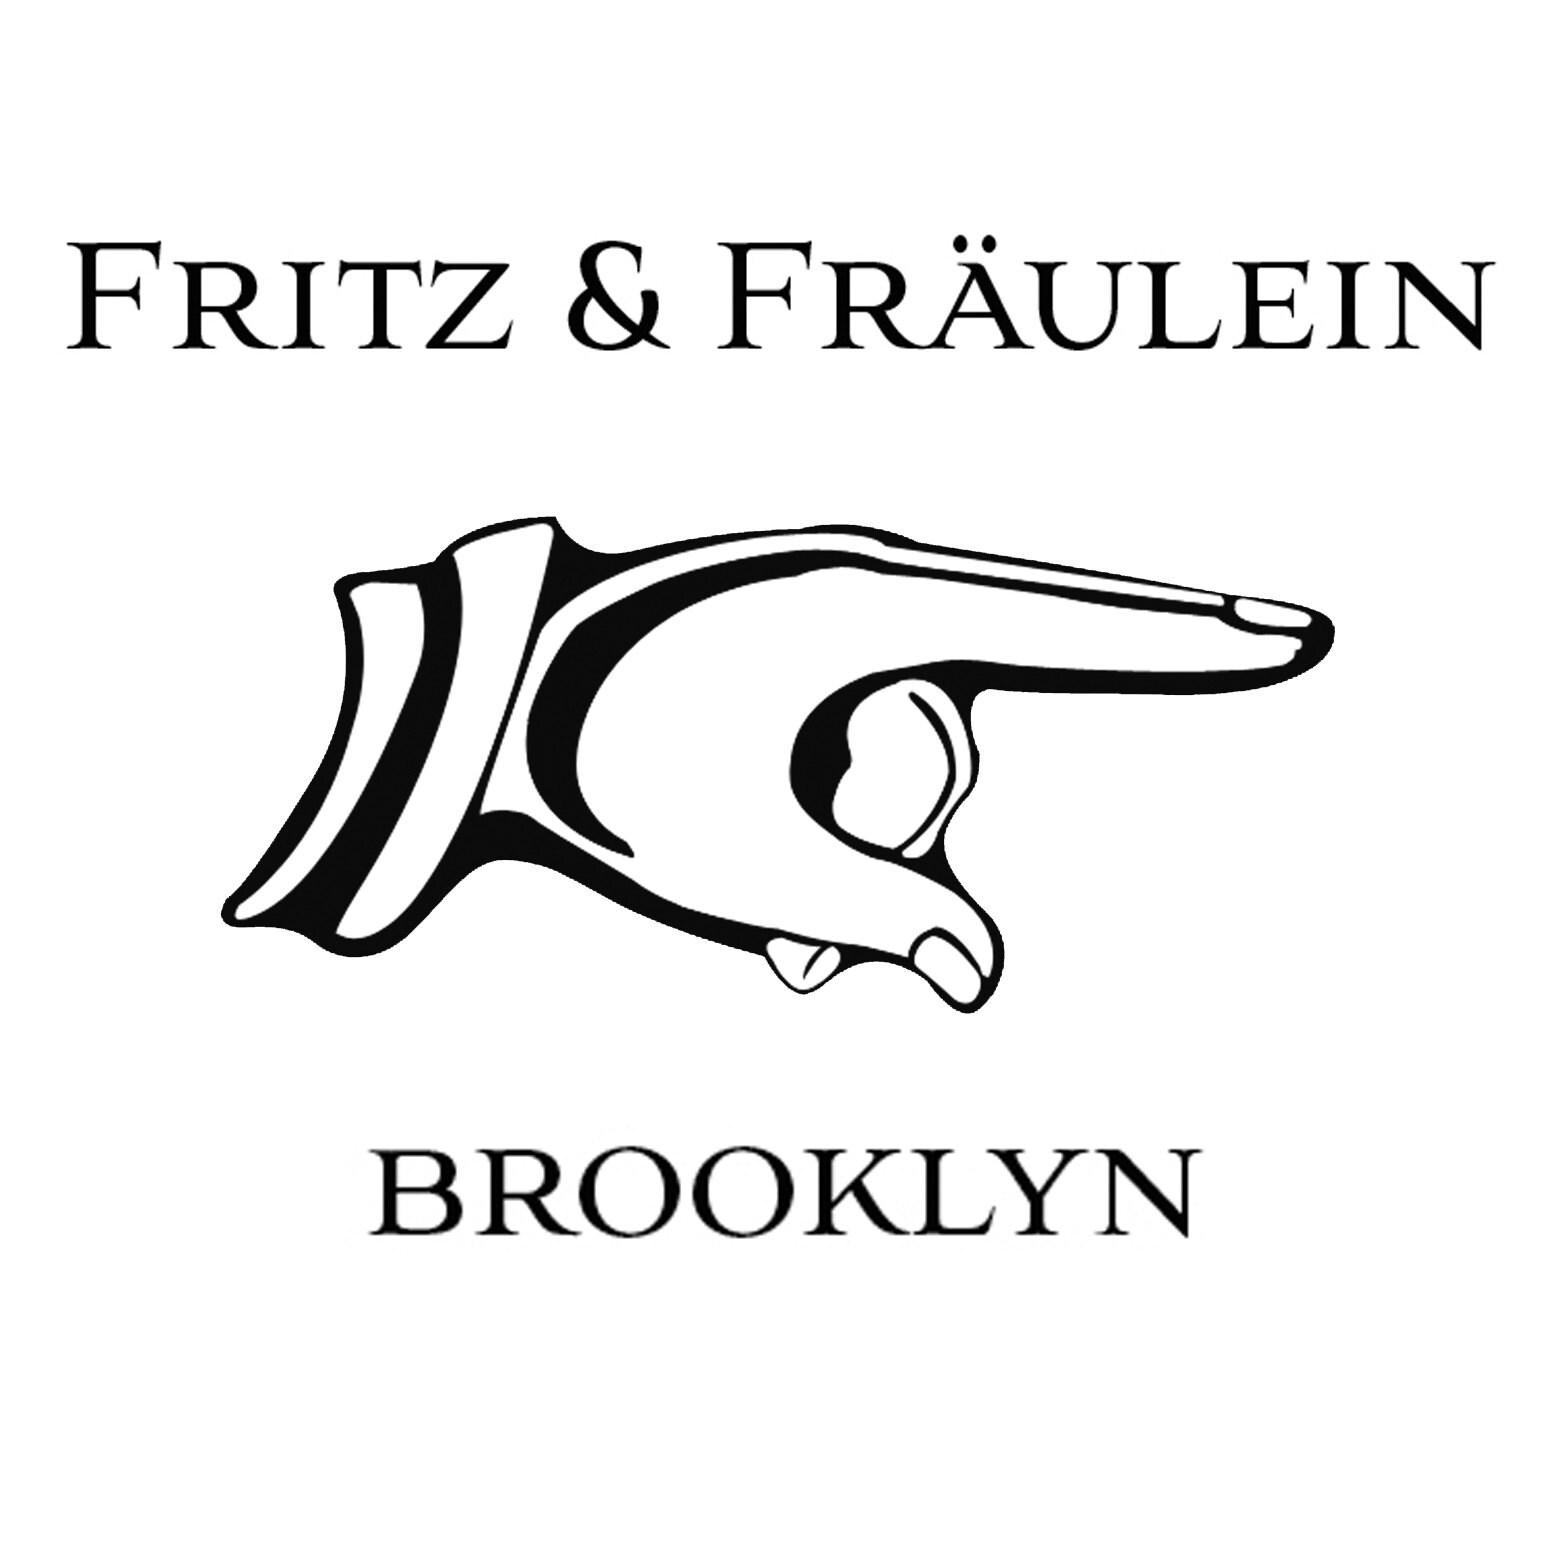 FritzandFraulein